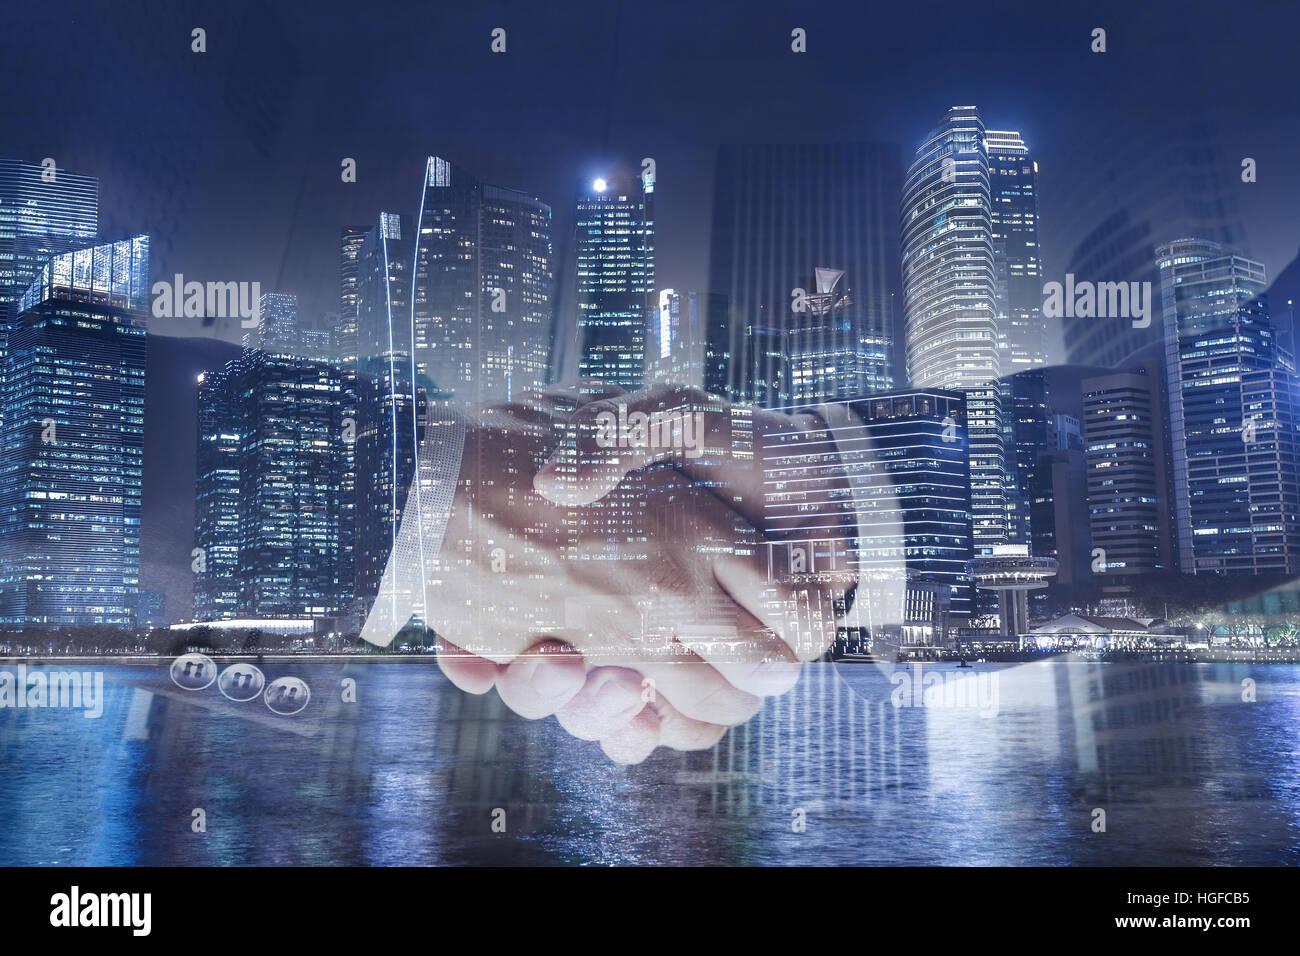 Acuerdo de proyecto o concepto de negocio, apretón de manos doble exposición, cooperación o asociación Imagen De Stock